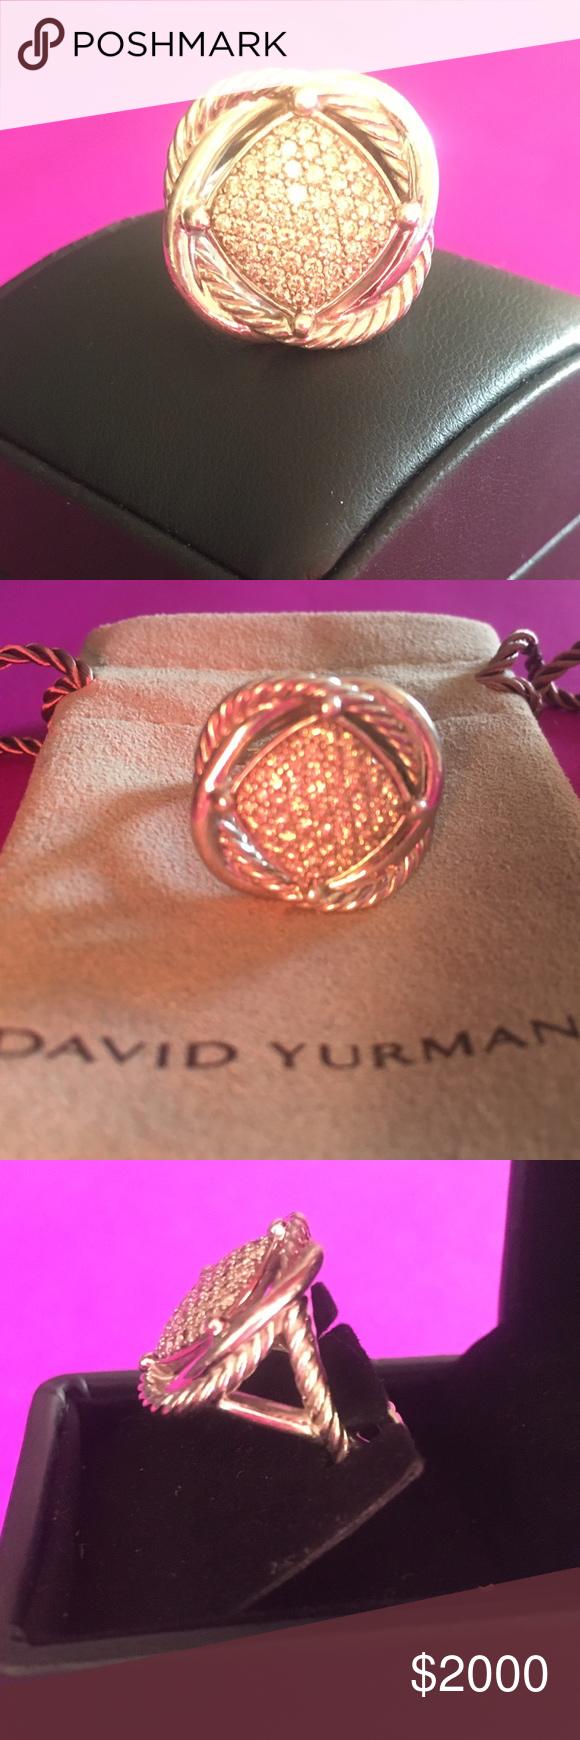 Was stolen on 3/25/17   David yurman, Infinity and Diamond